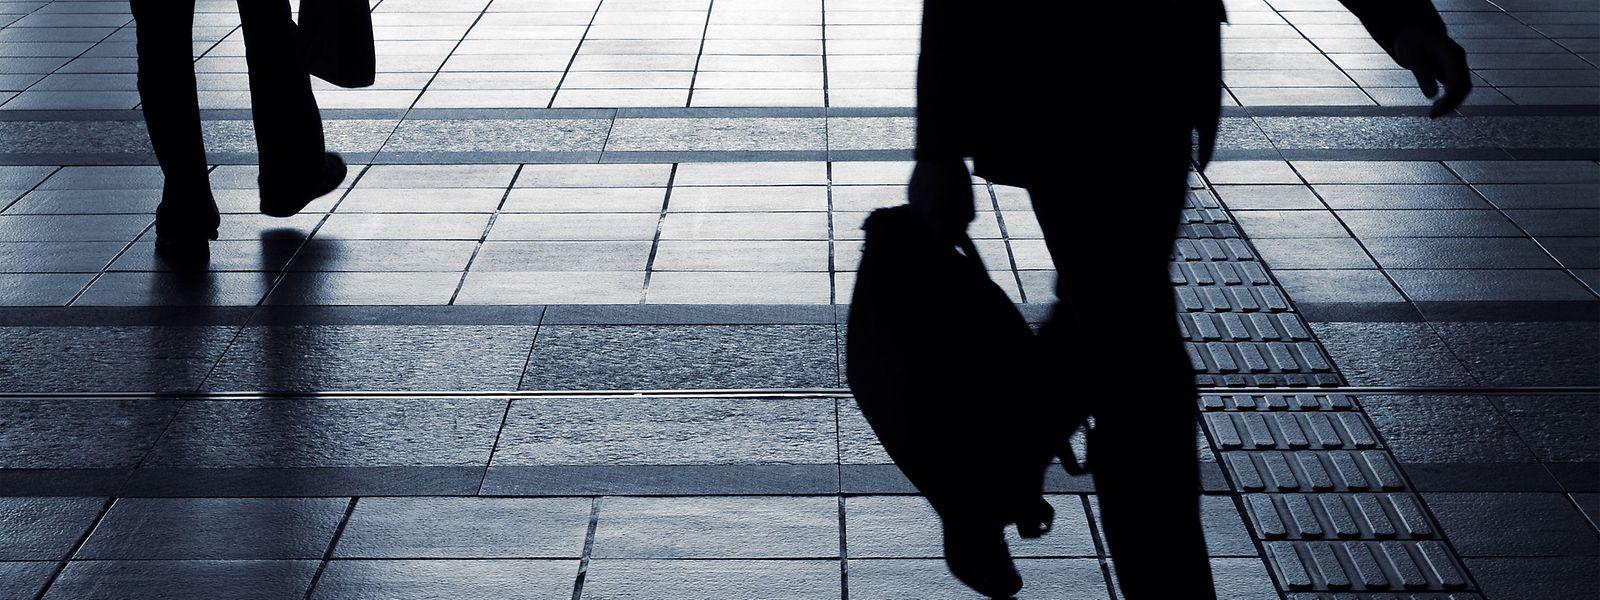 Hat sich Luxemburg vor der Datenerhebung gedrückt oder diese verzögert, sodass Angaben über das Schattenbankenwesen in Luxemburg nicht berücksichtigt werden konnten?